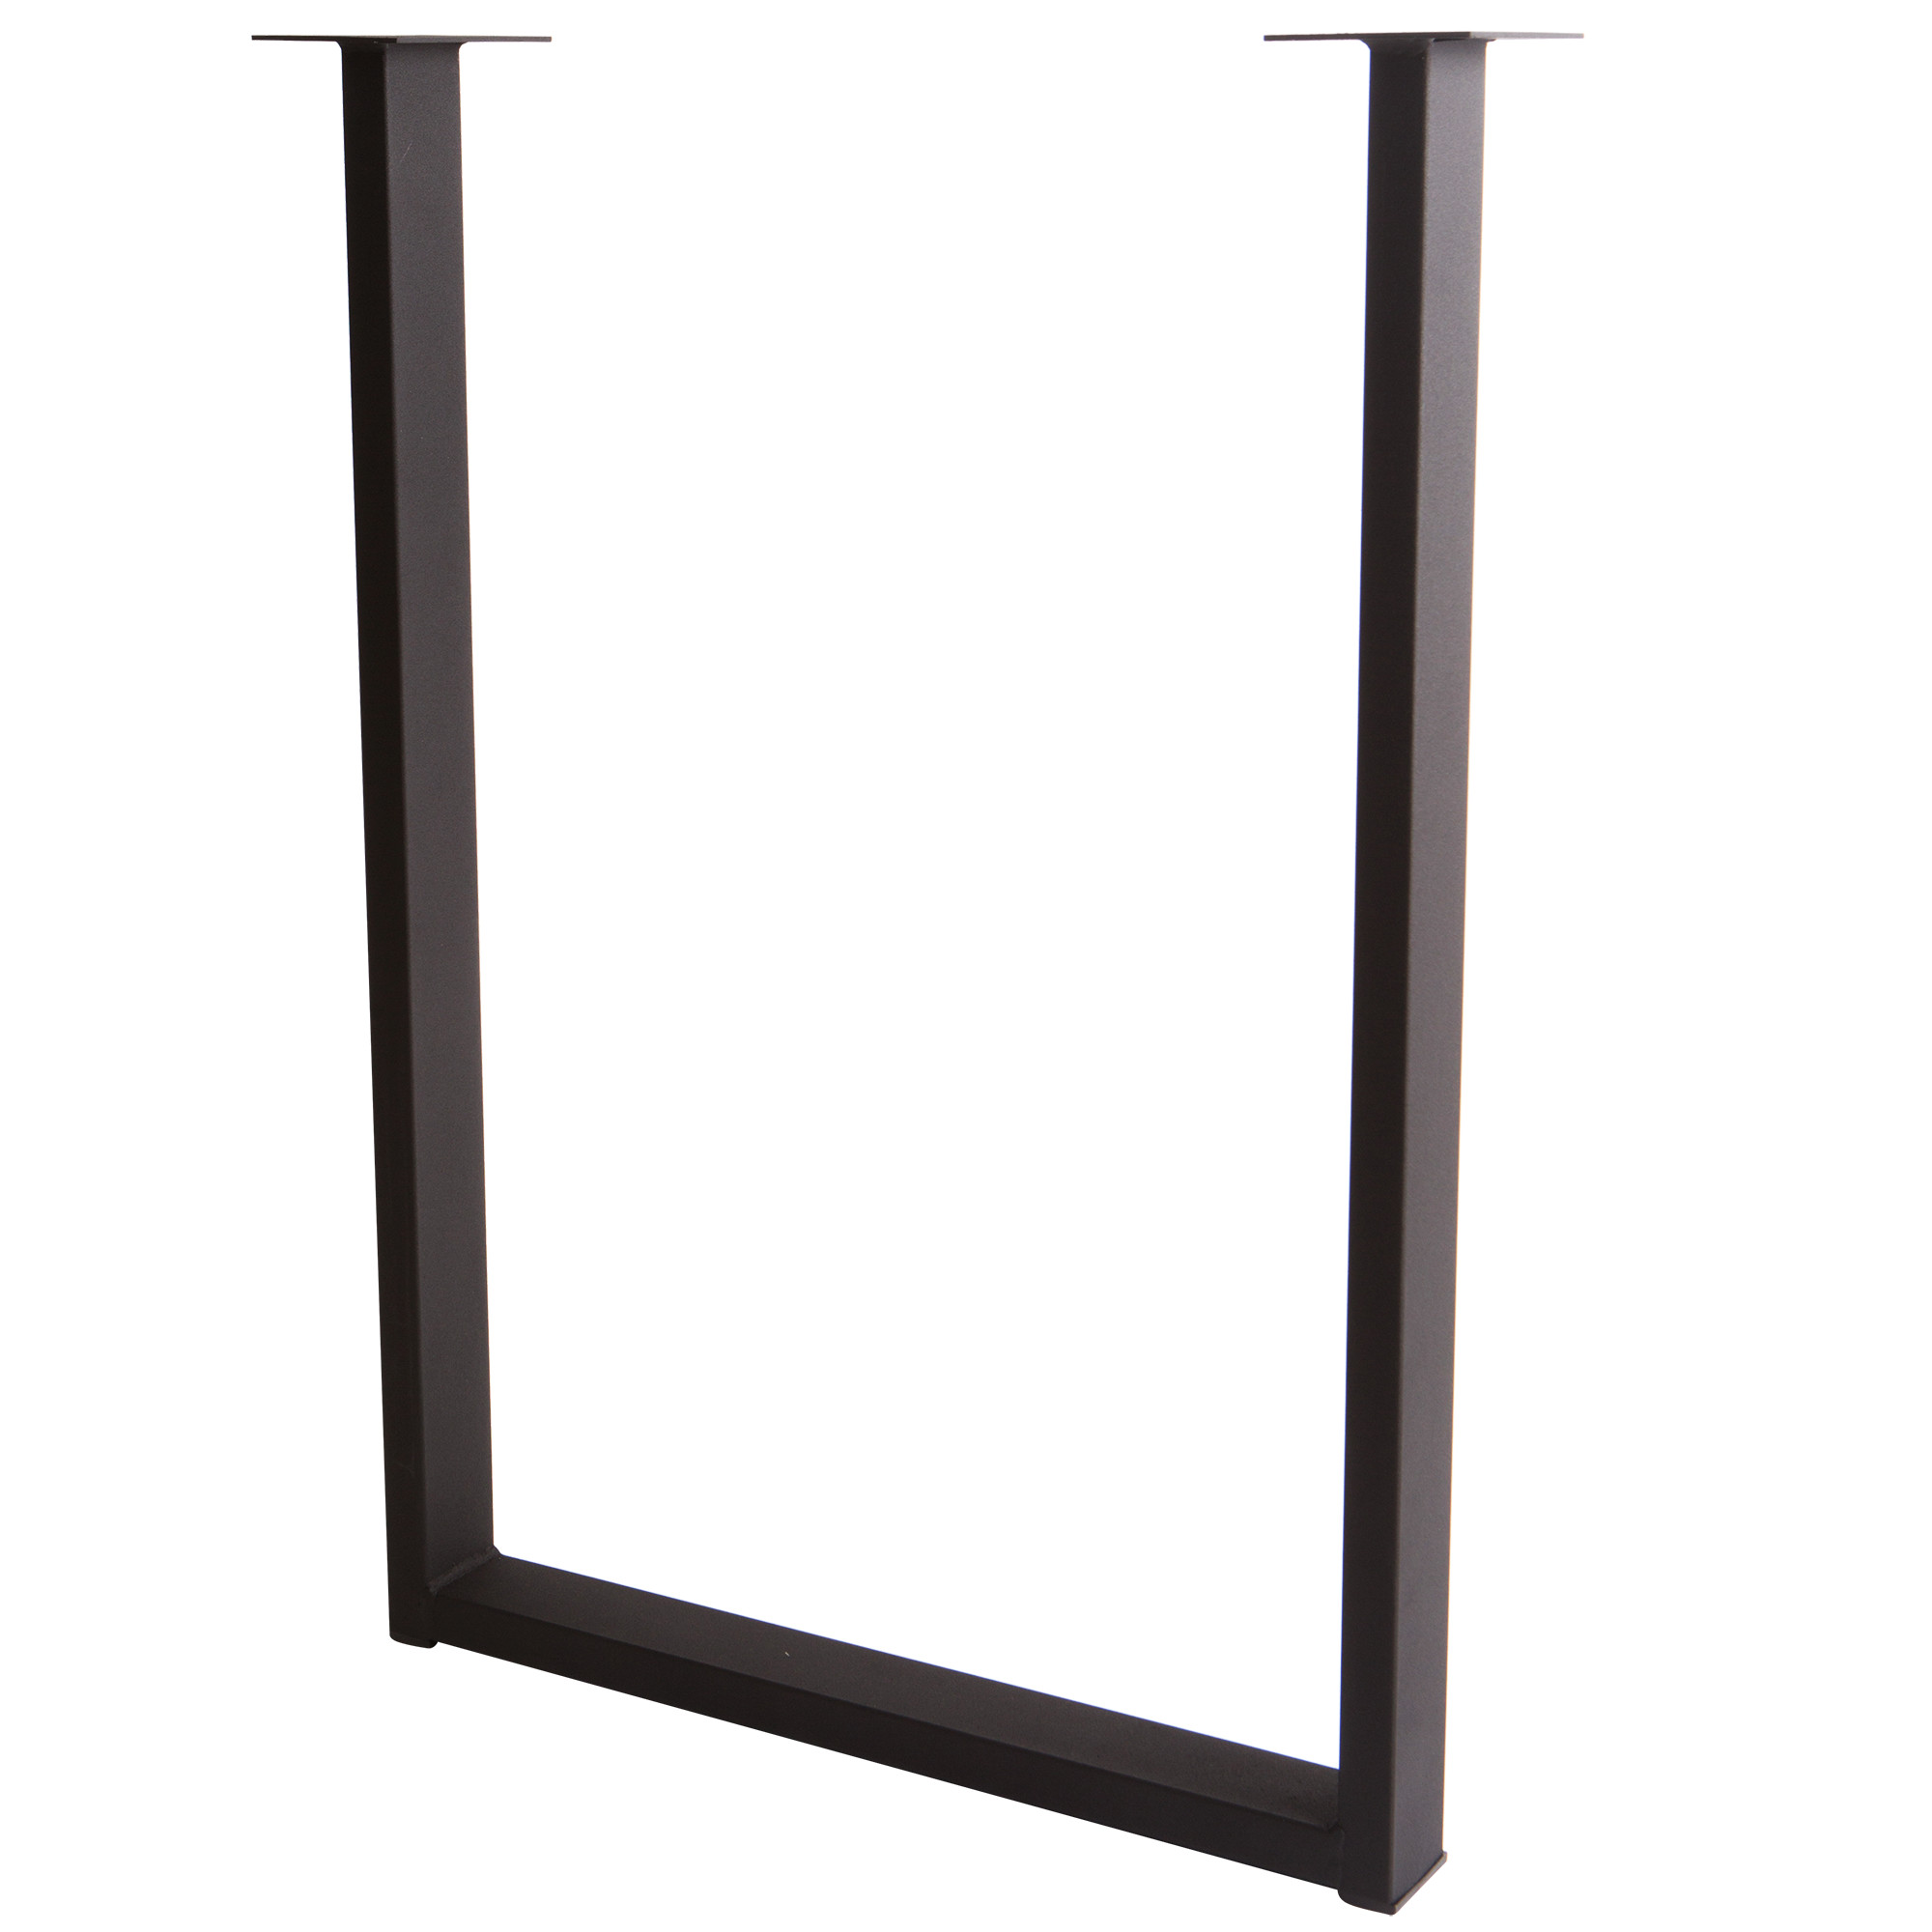 Подстолье для рабочей поверхности Лофт 710 мм, цвет чёрный